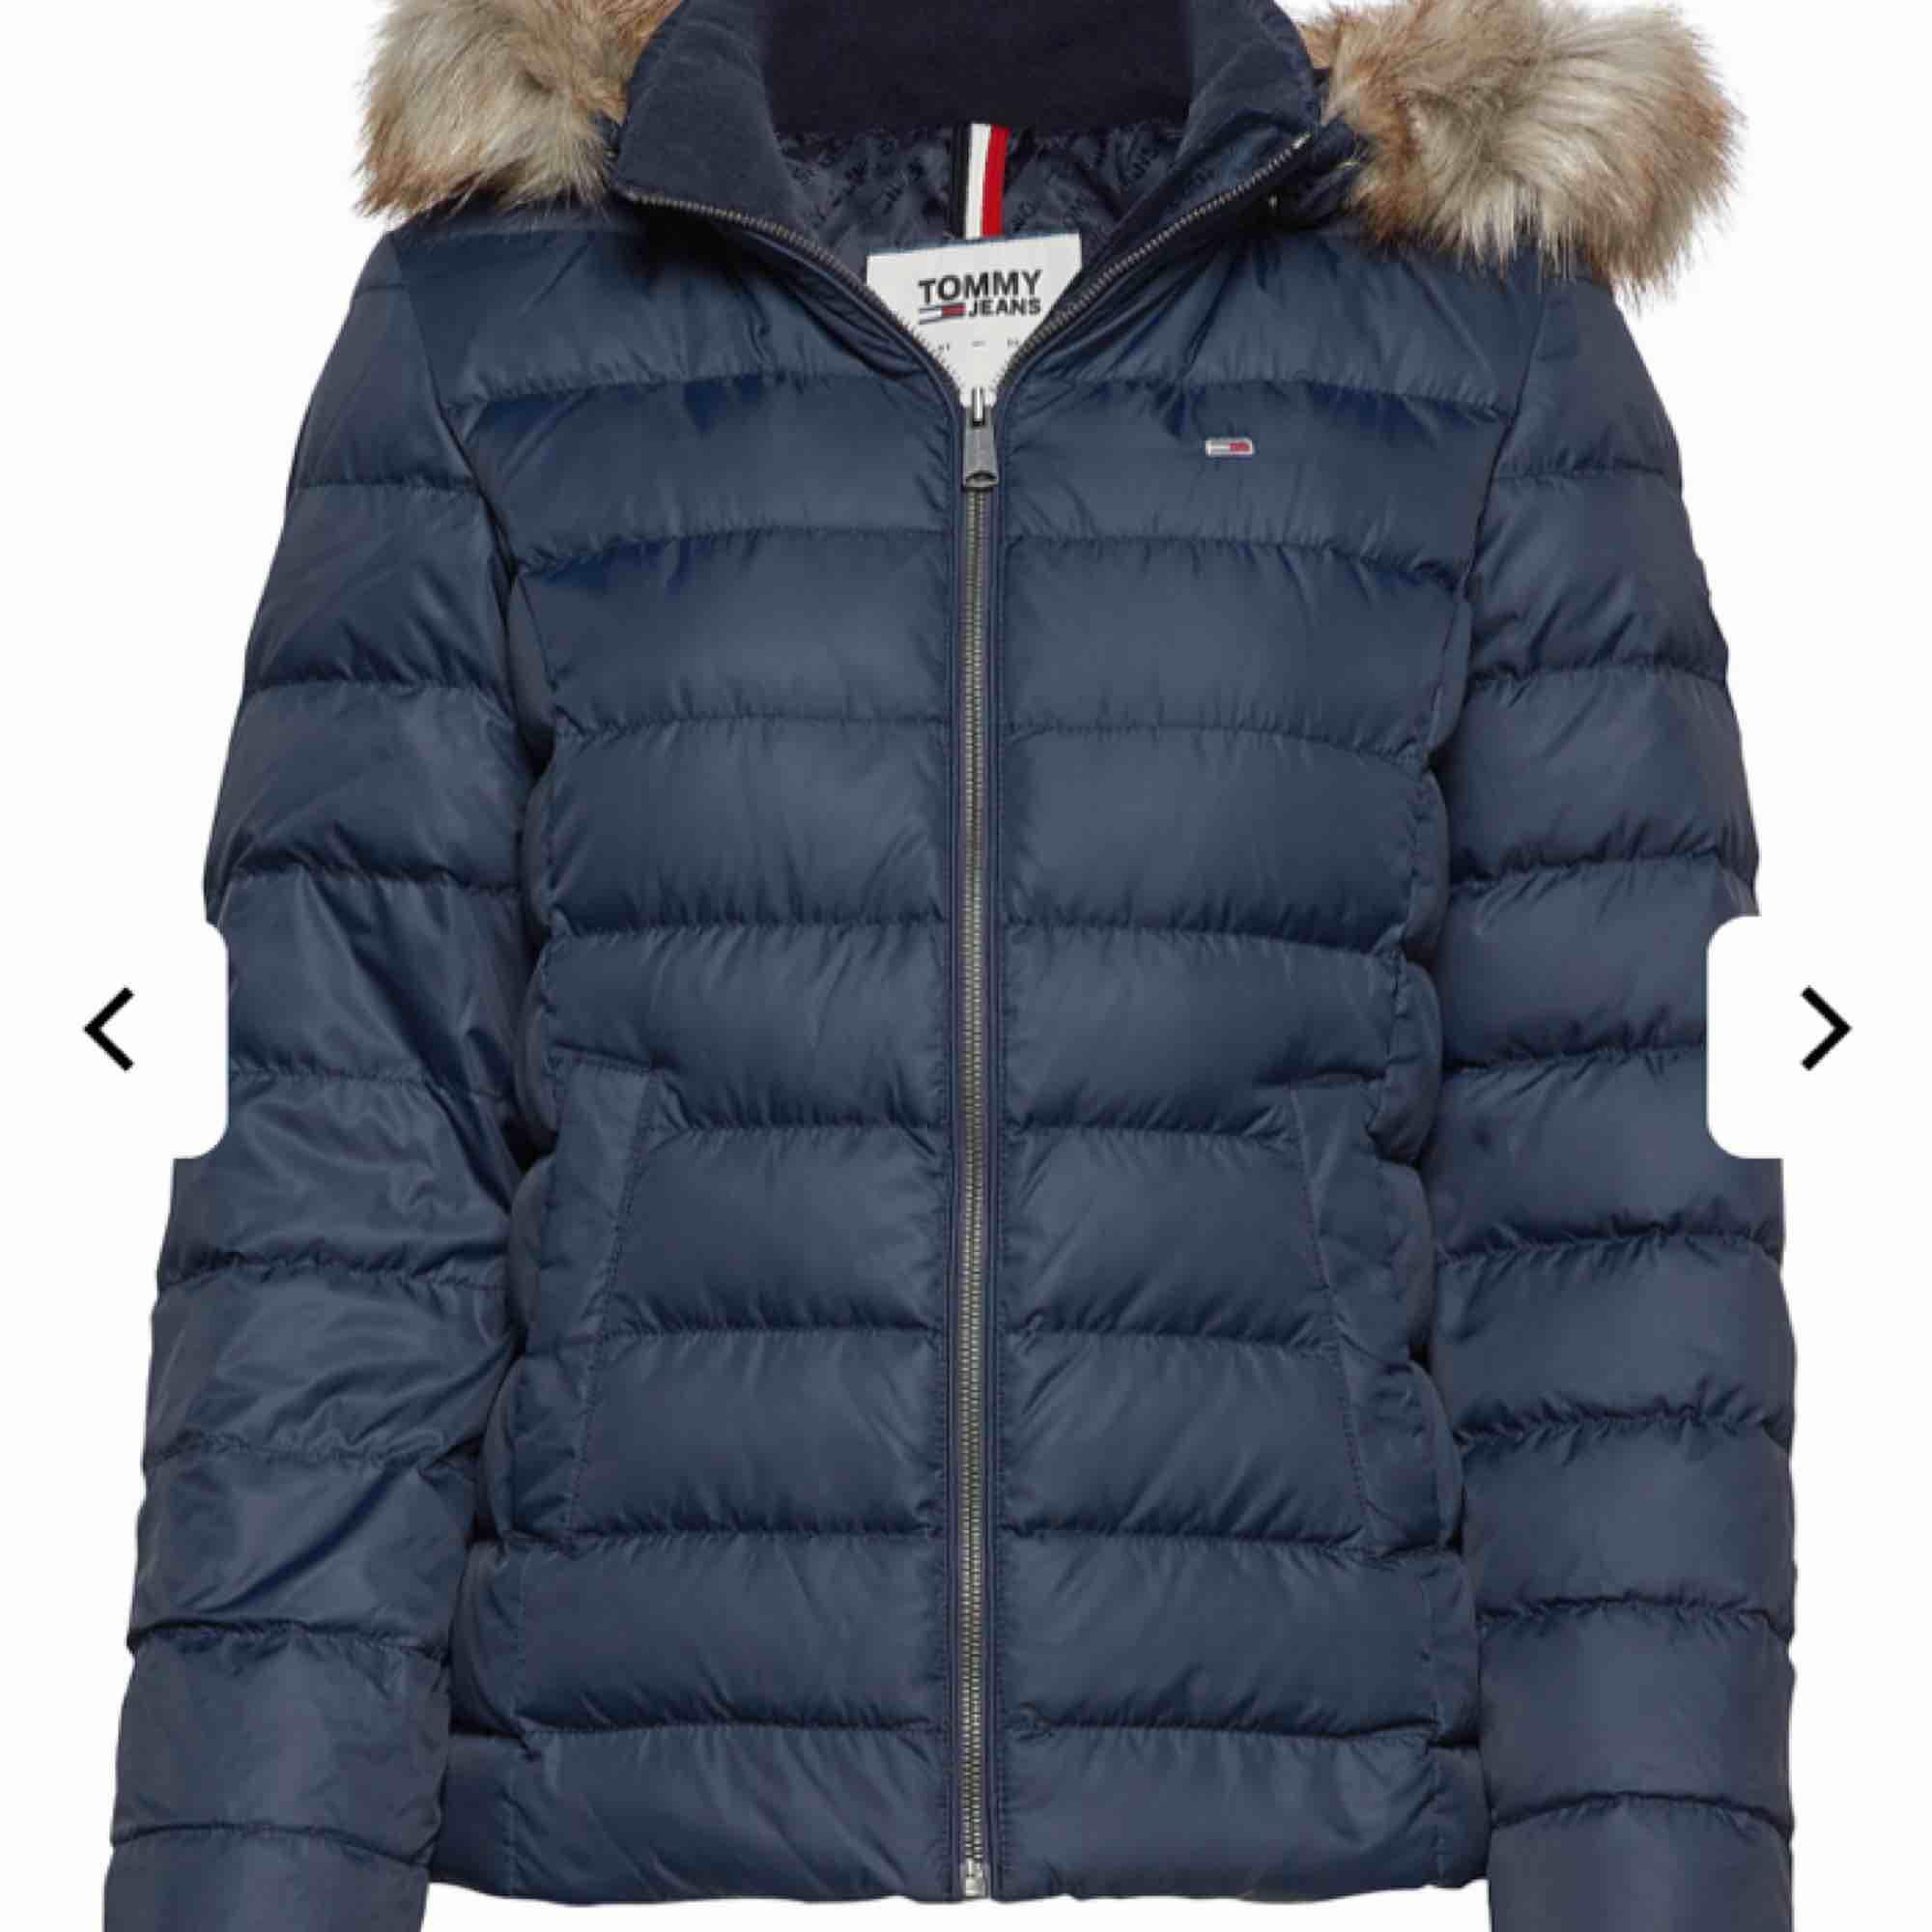 Mörkblå vinterjacka från Tommy Hilfiger köpt på nk för 2500kr förra året, är i mycket bra skick o inga synliga deffekter, kan sänka pris vid snabb affär. Jackor.